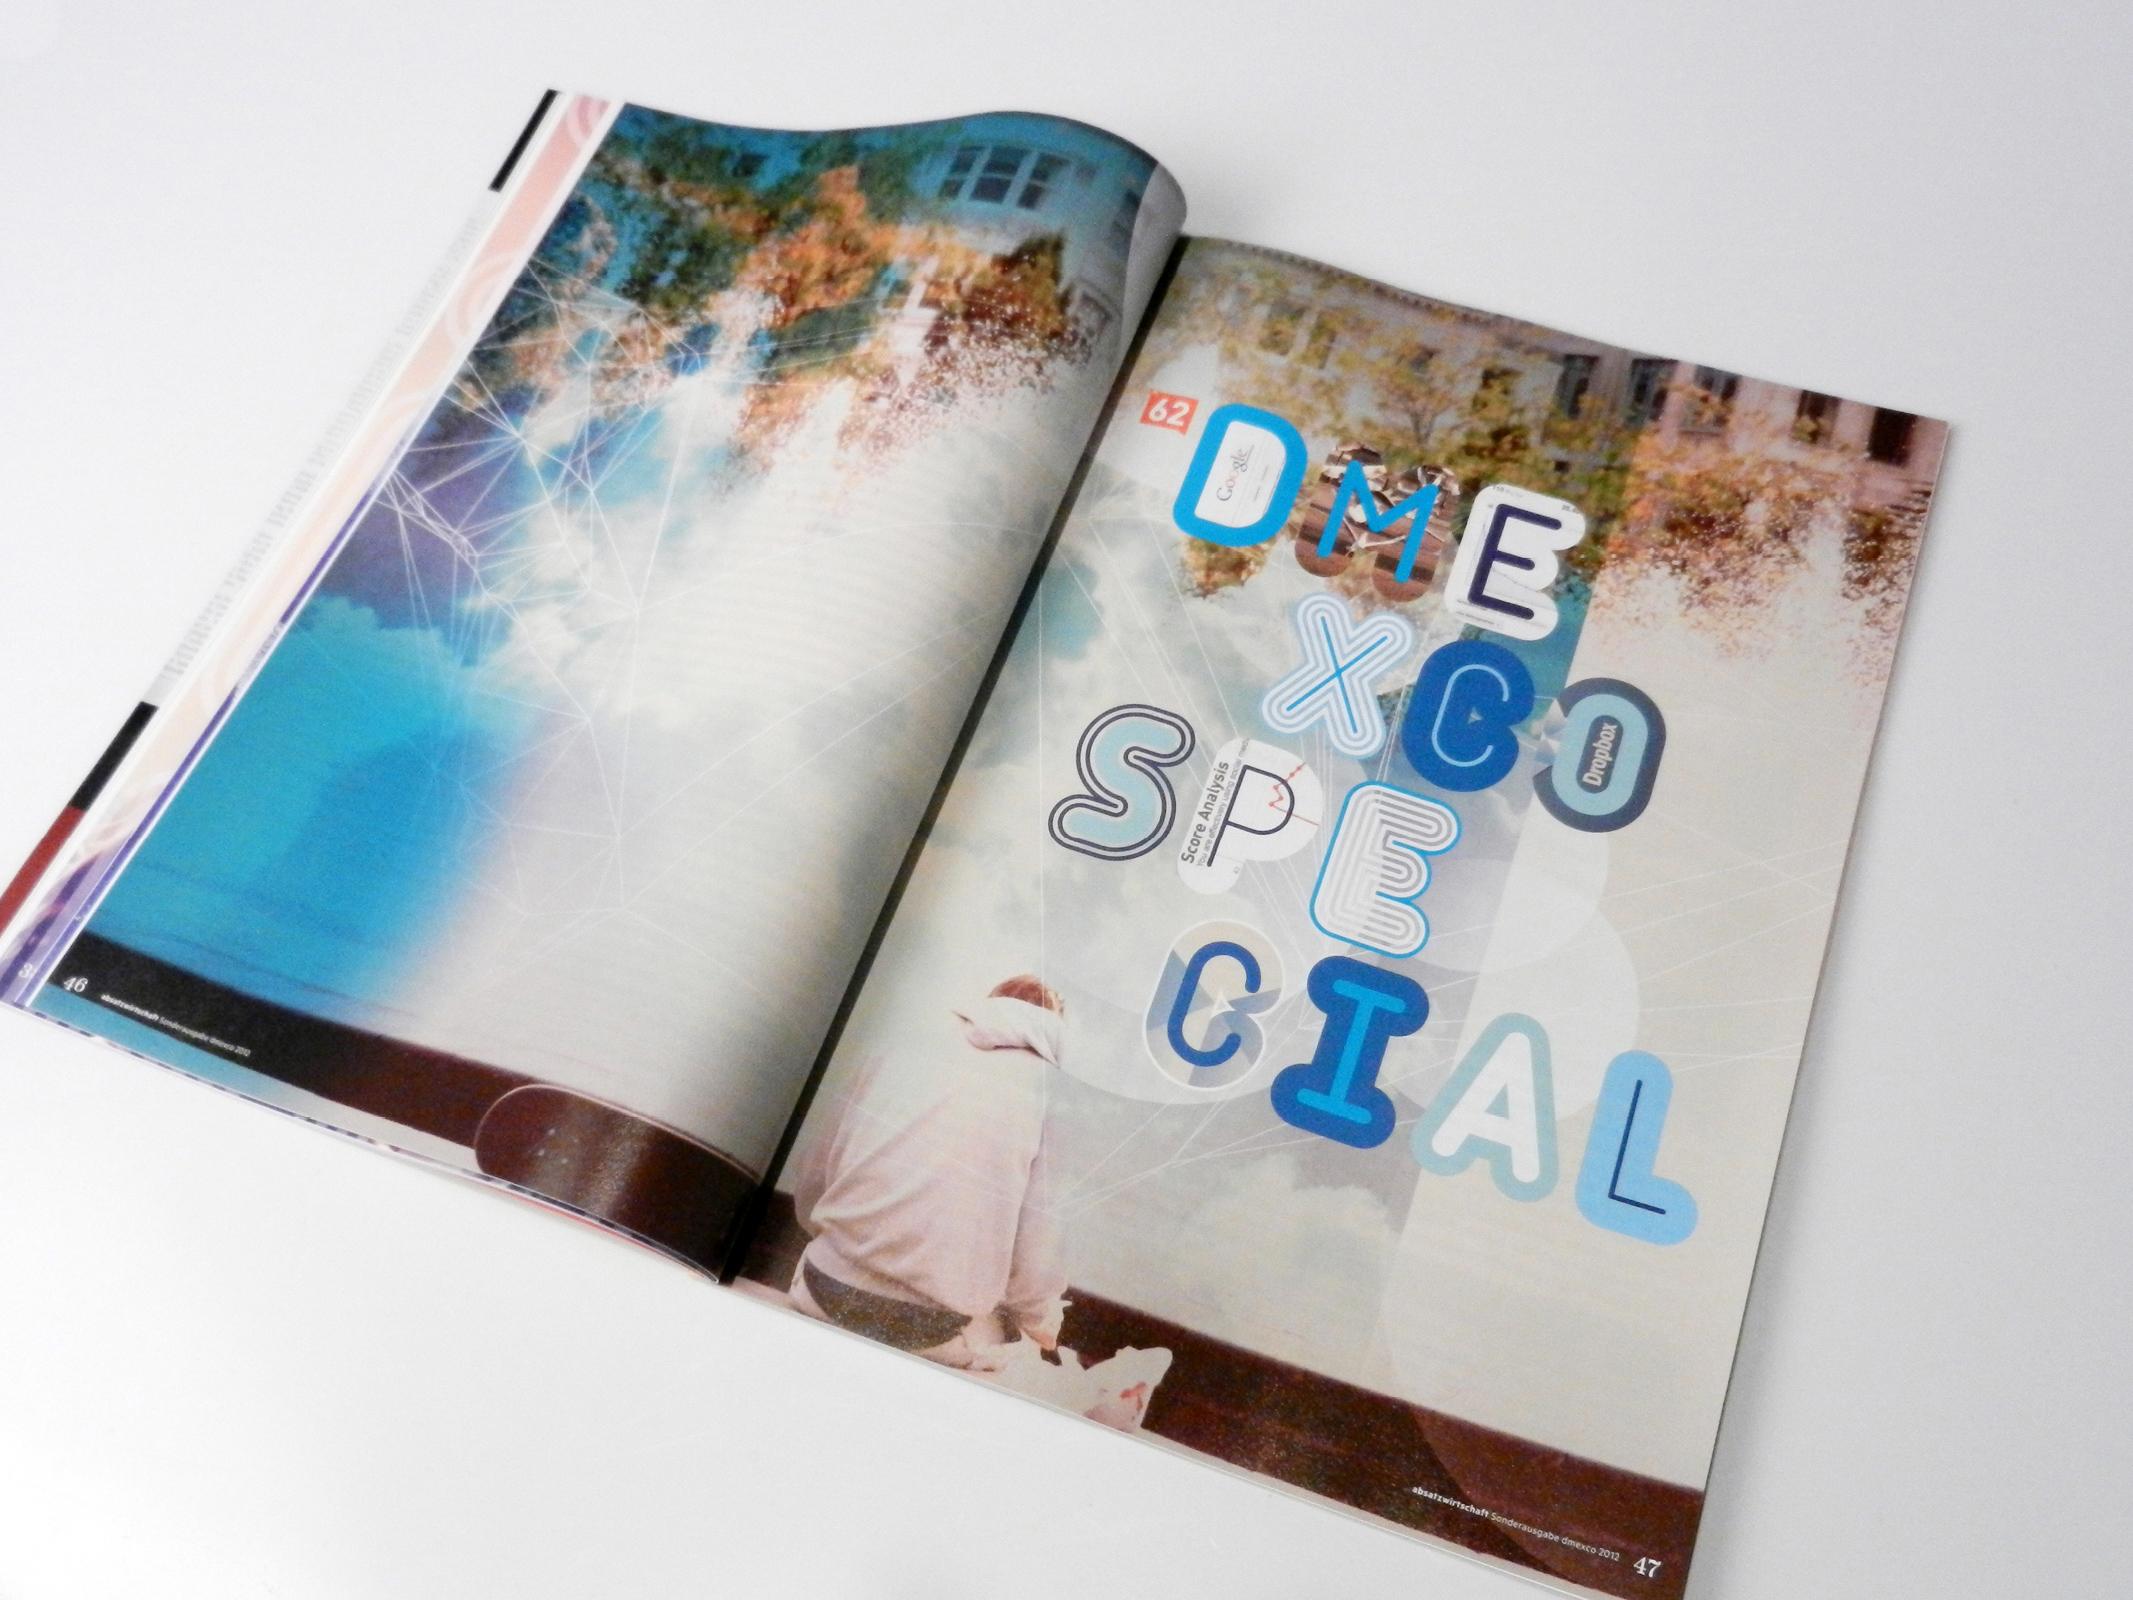 Absatzwirtschaft Dmexco Special – Poarangan Brand Design9